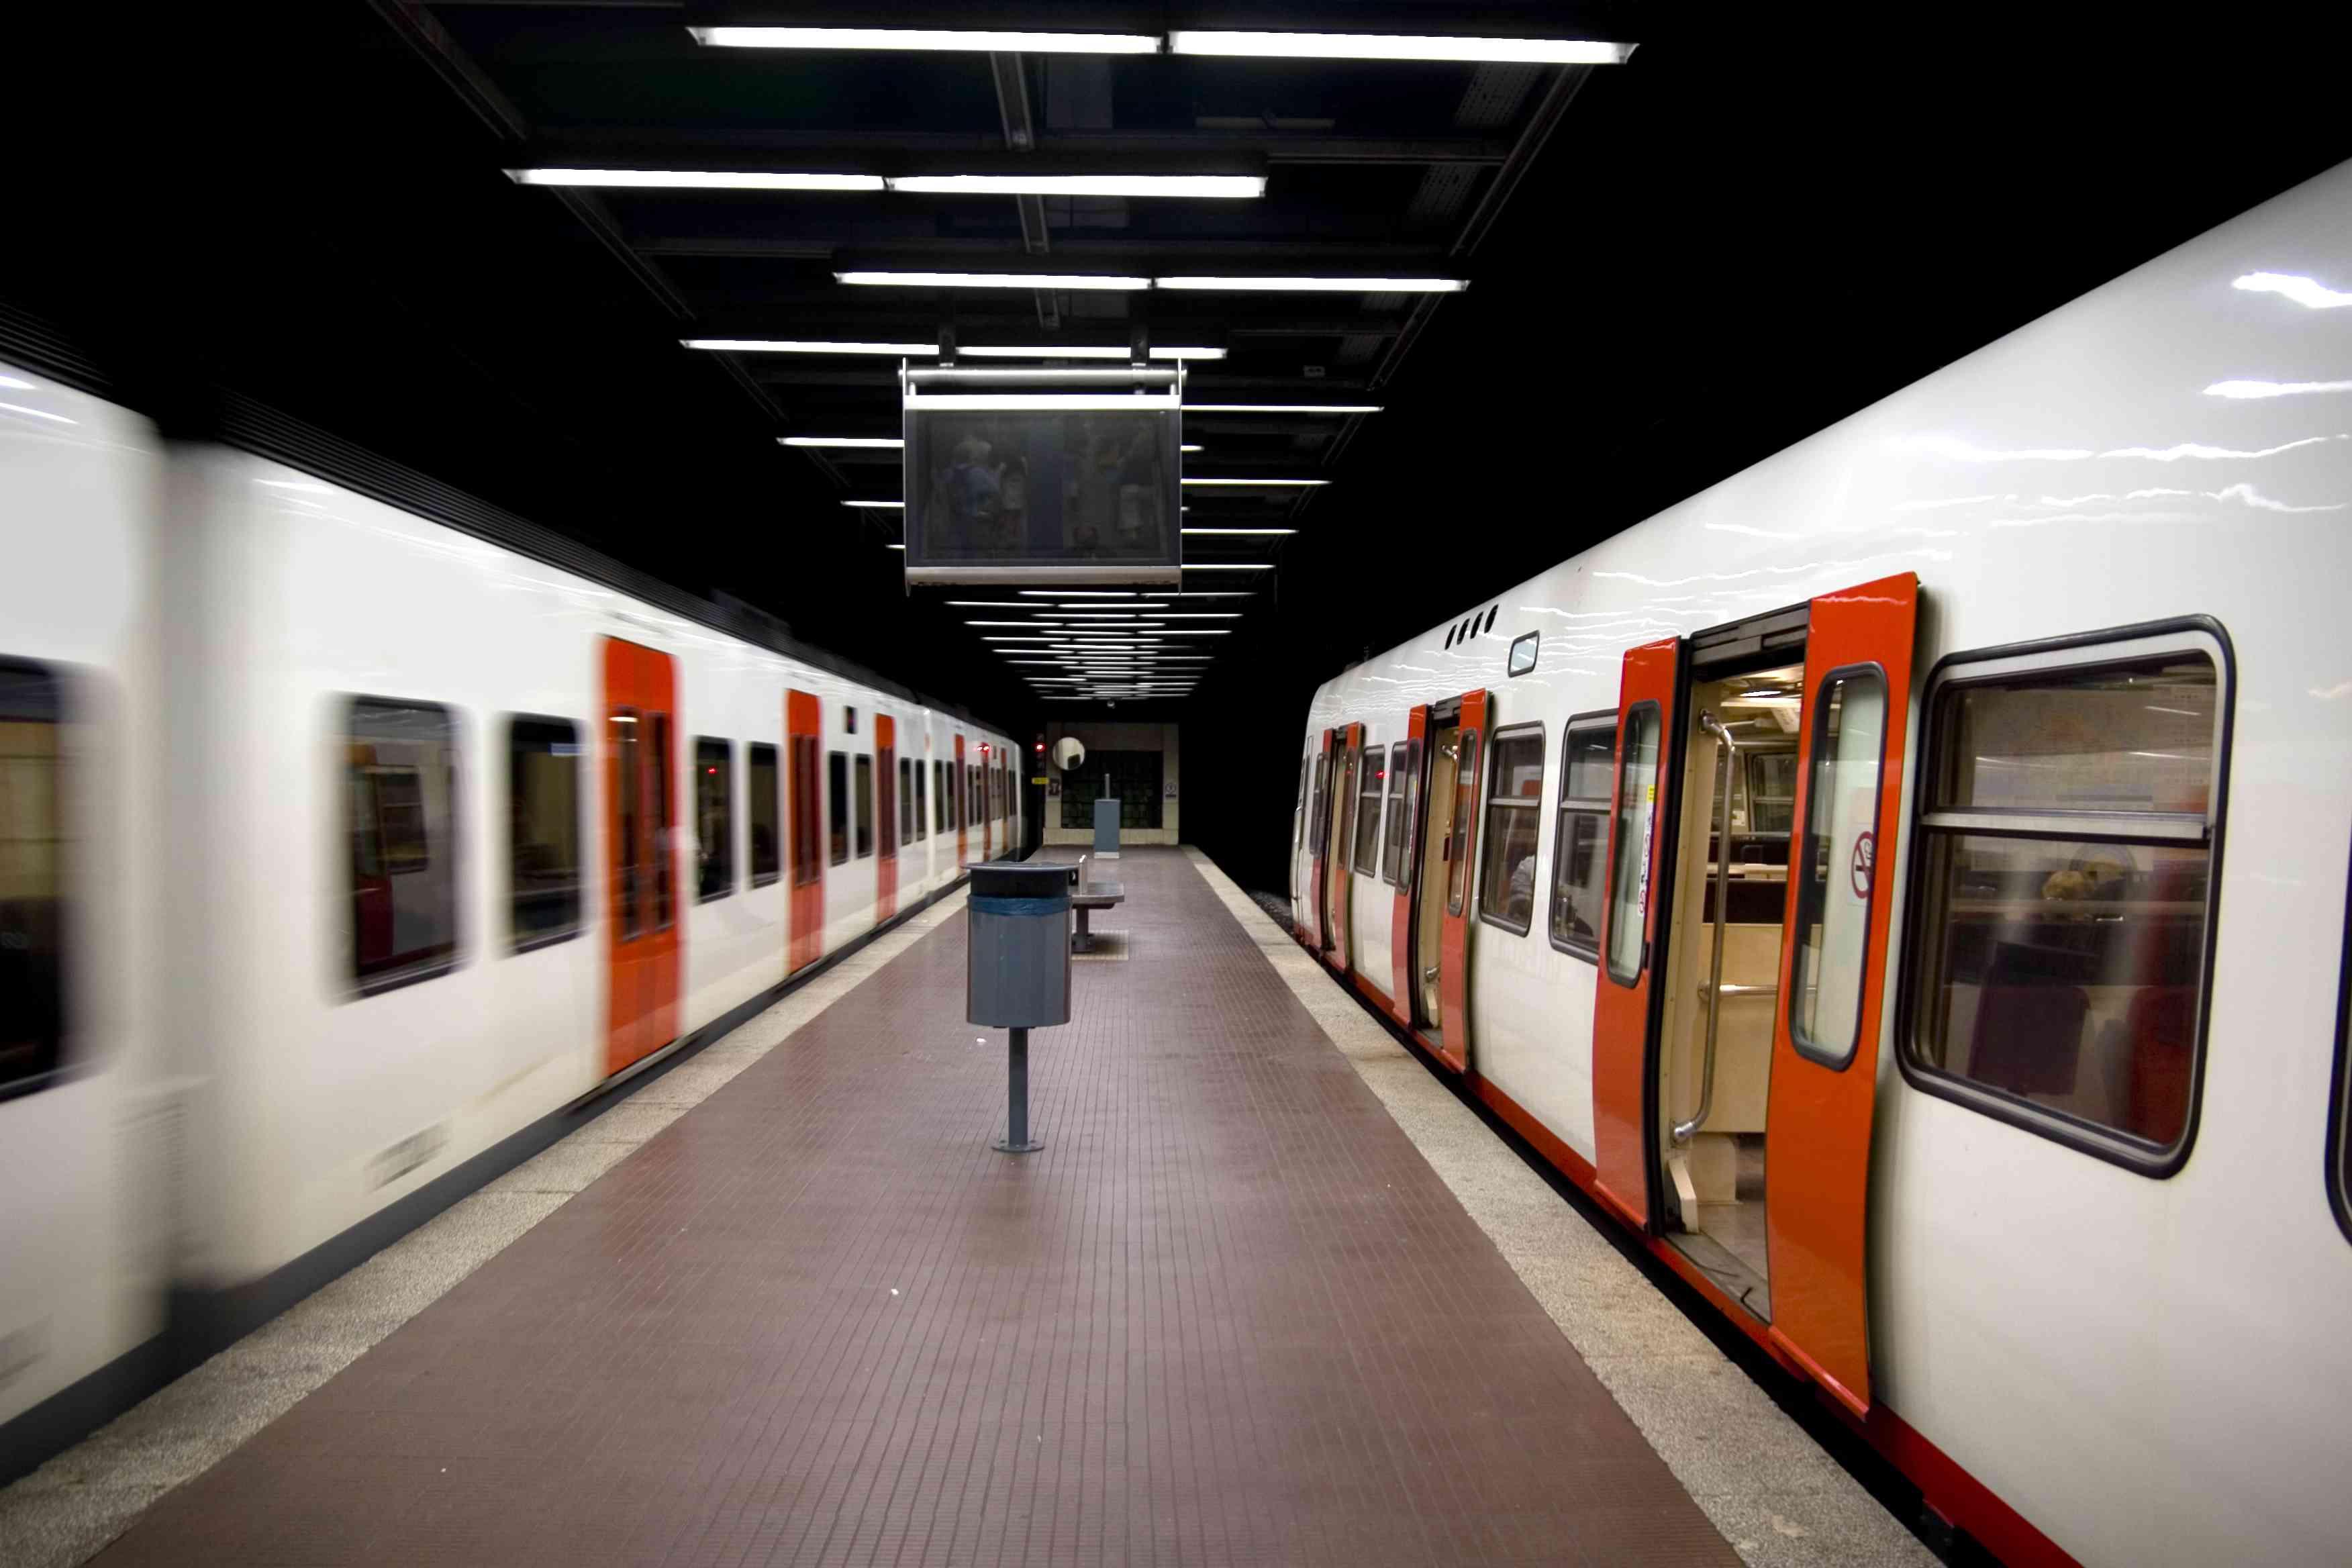 Trains in Barcelona underground